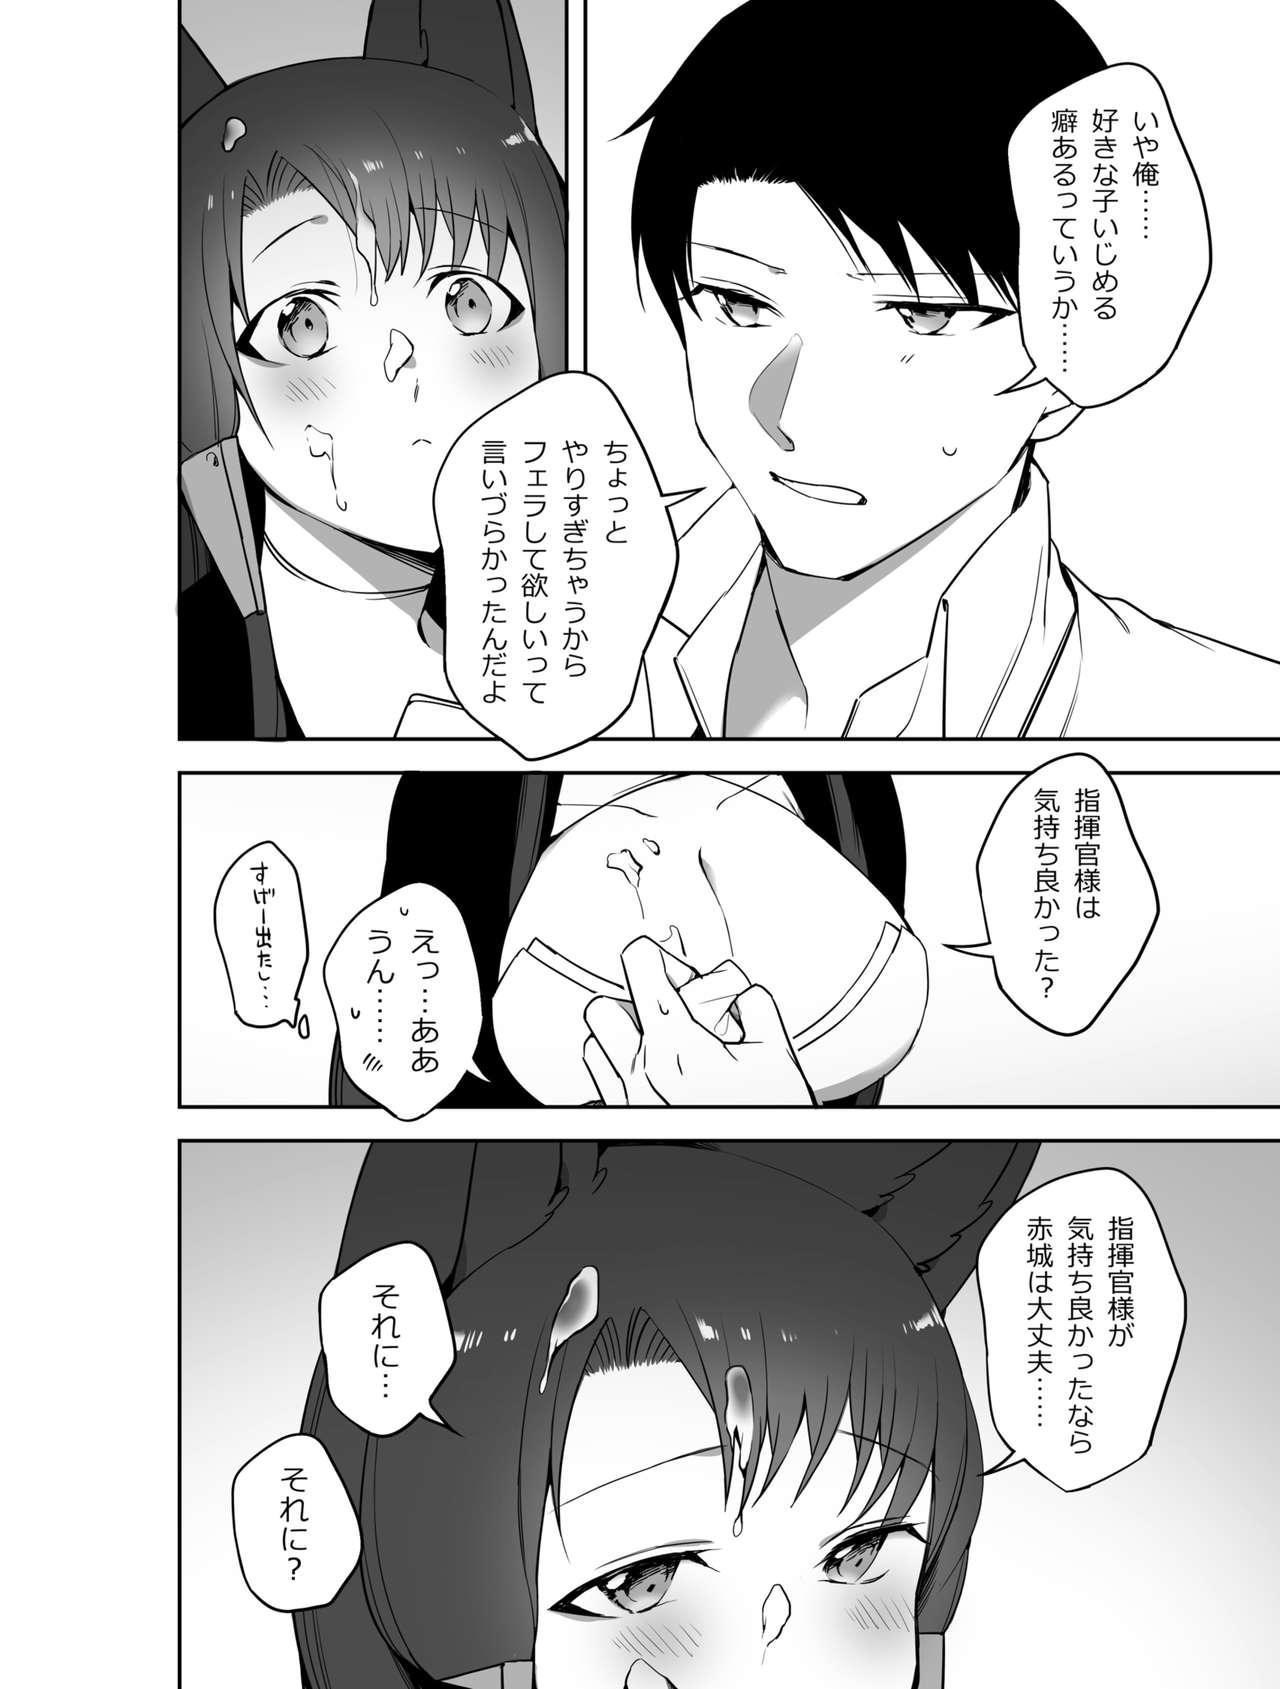 Akagi ni Ochinpo Shaburaseru Hon 17